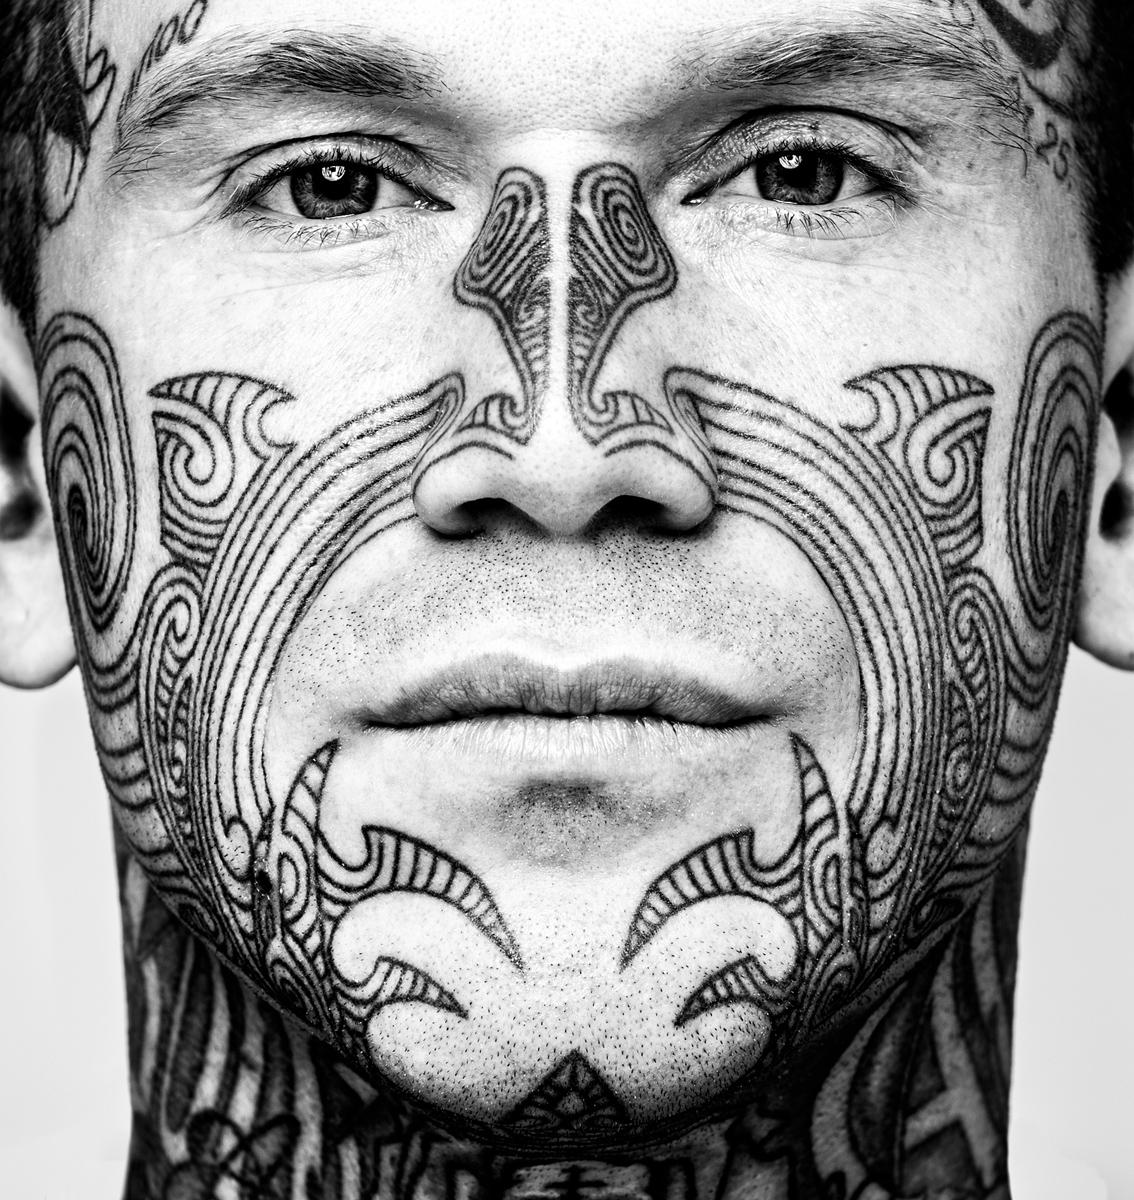 airlab_tattoo_boy_PRINT_001.jpg